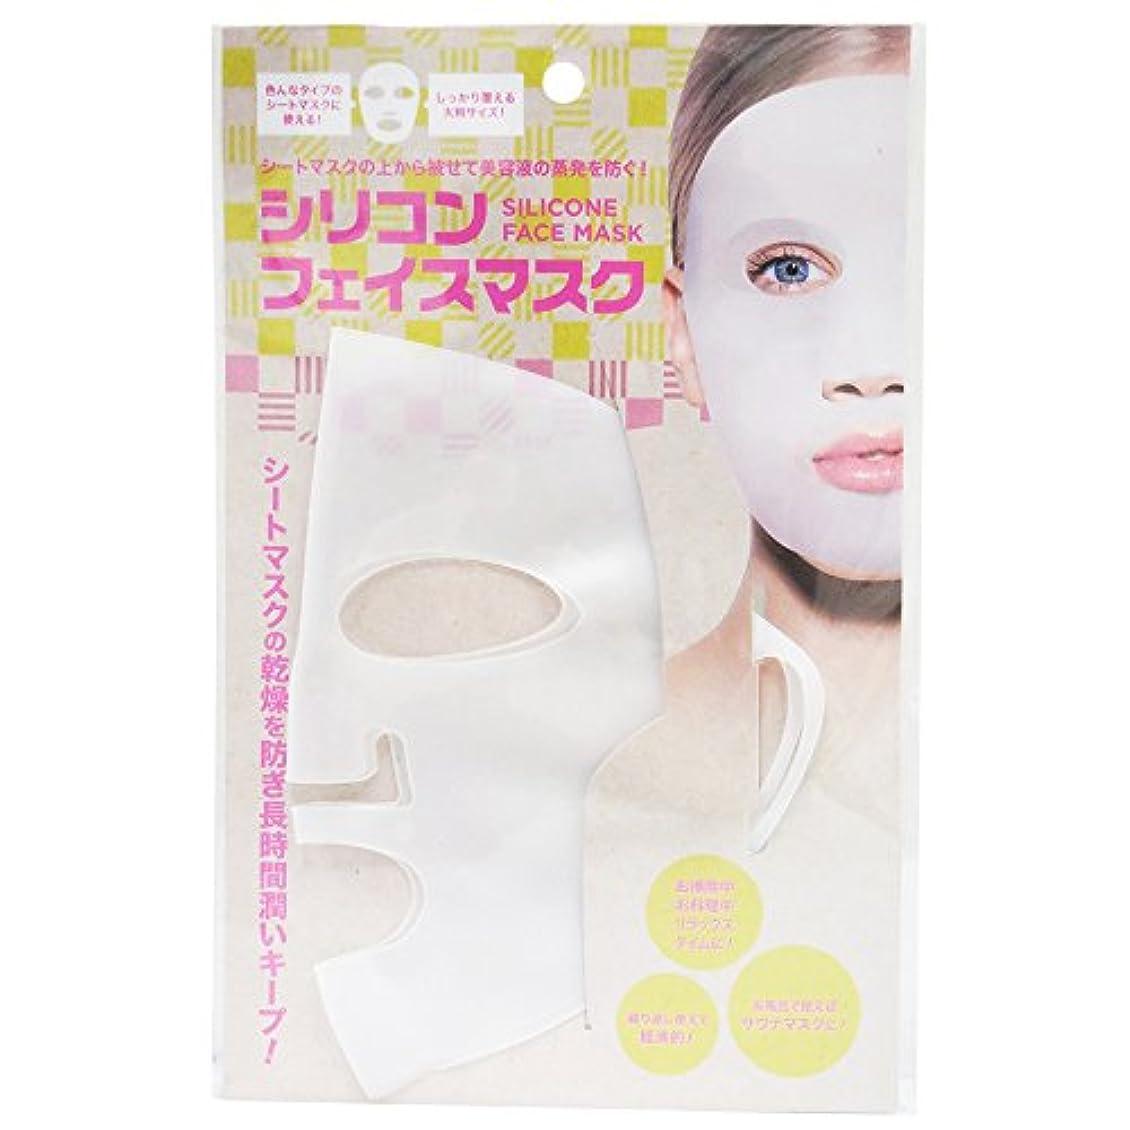 刺す陽気な不毛シリコンフェイスマスク